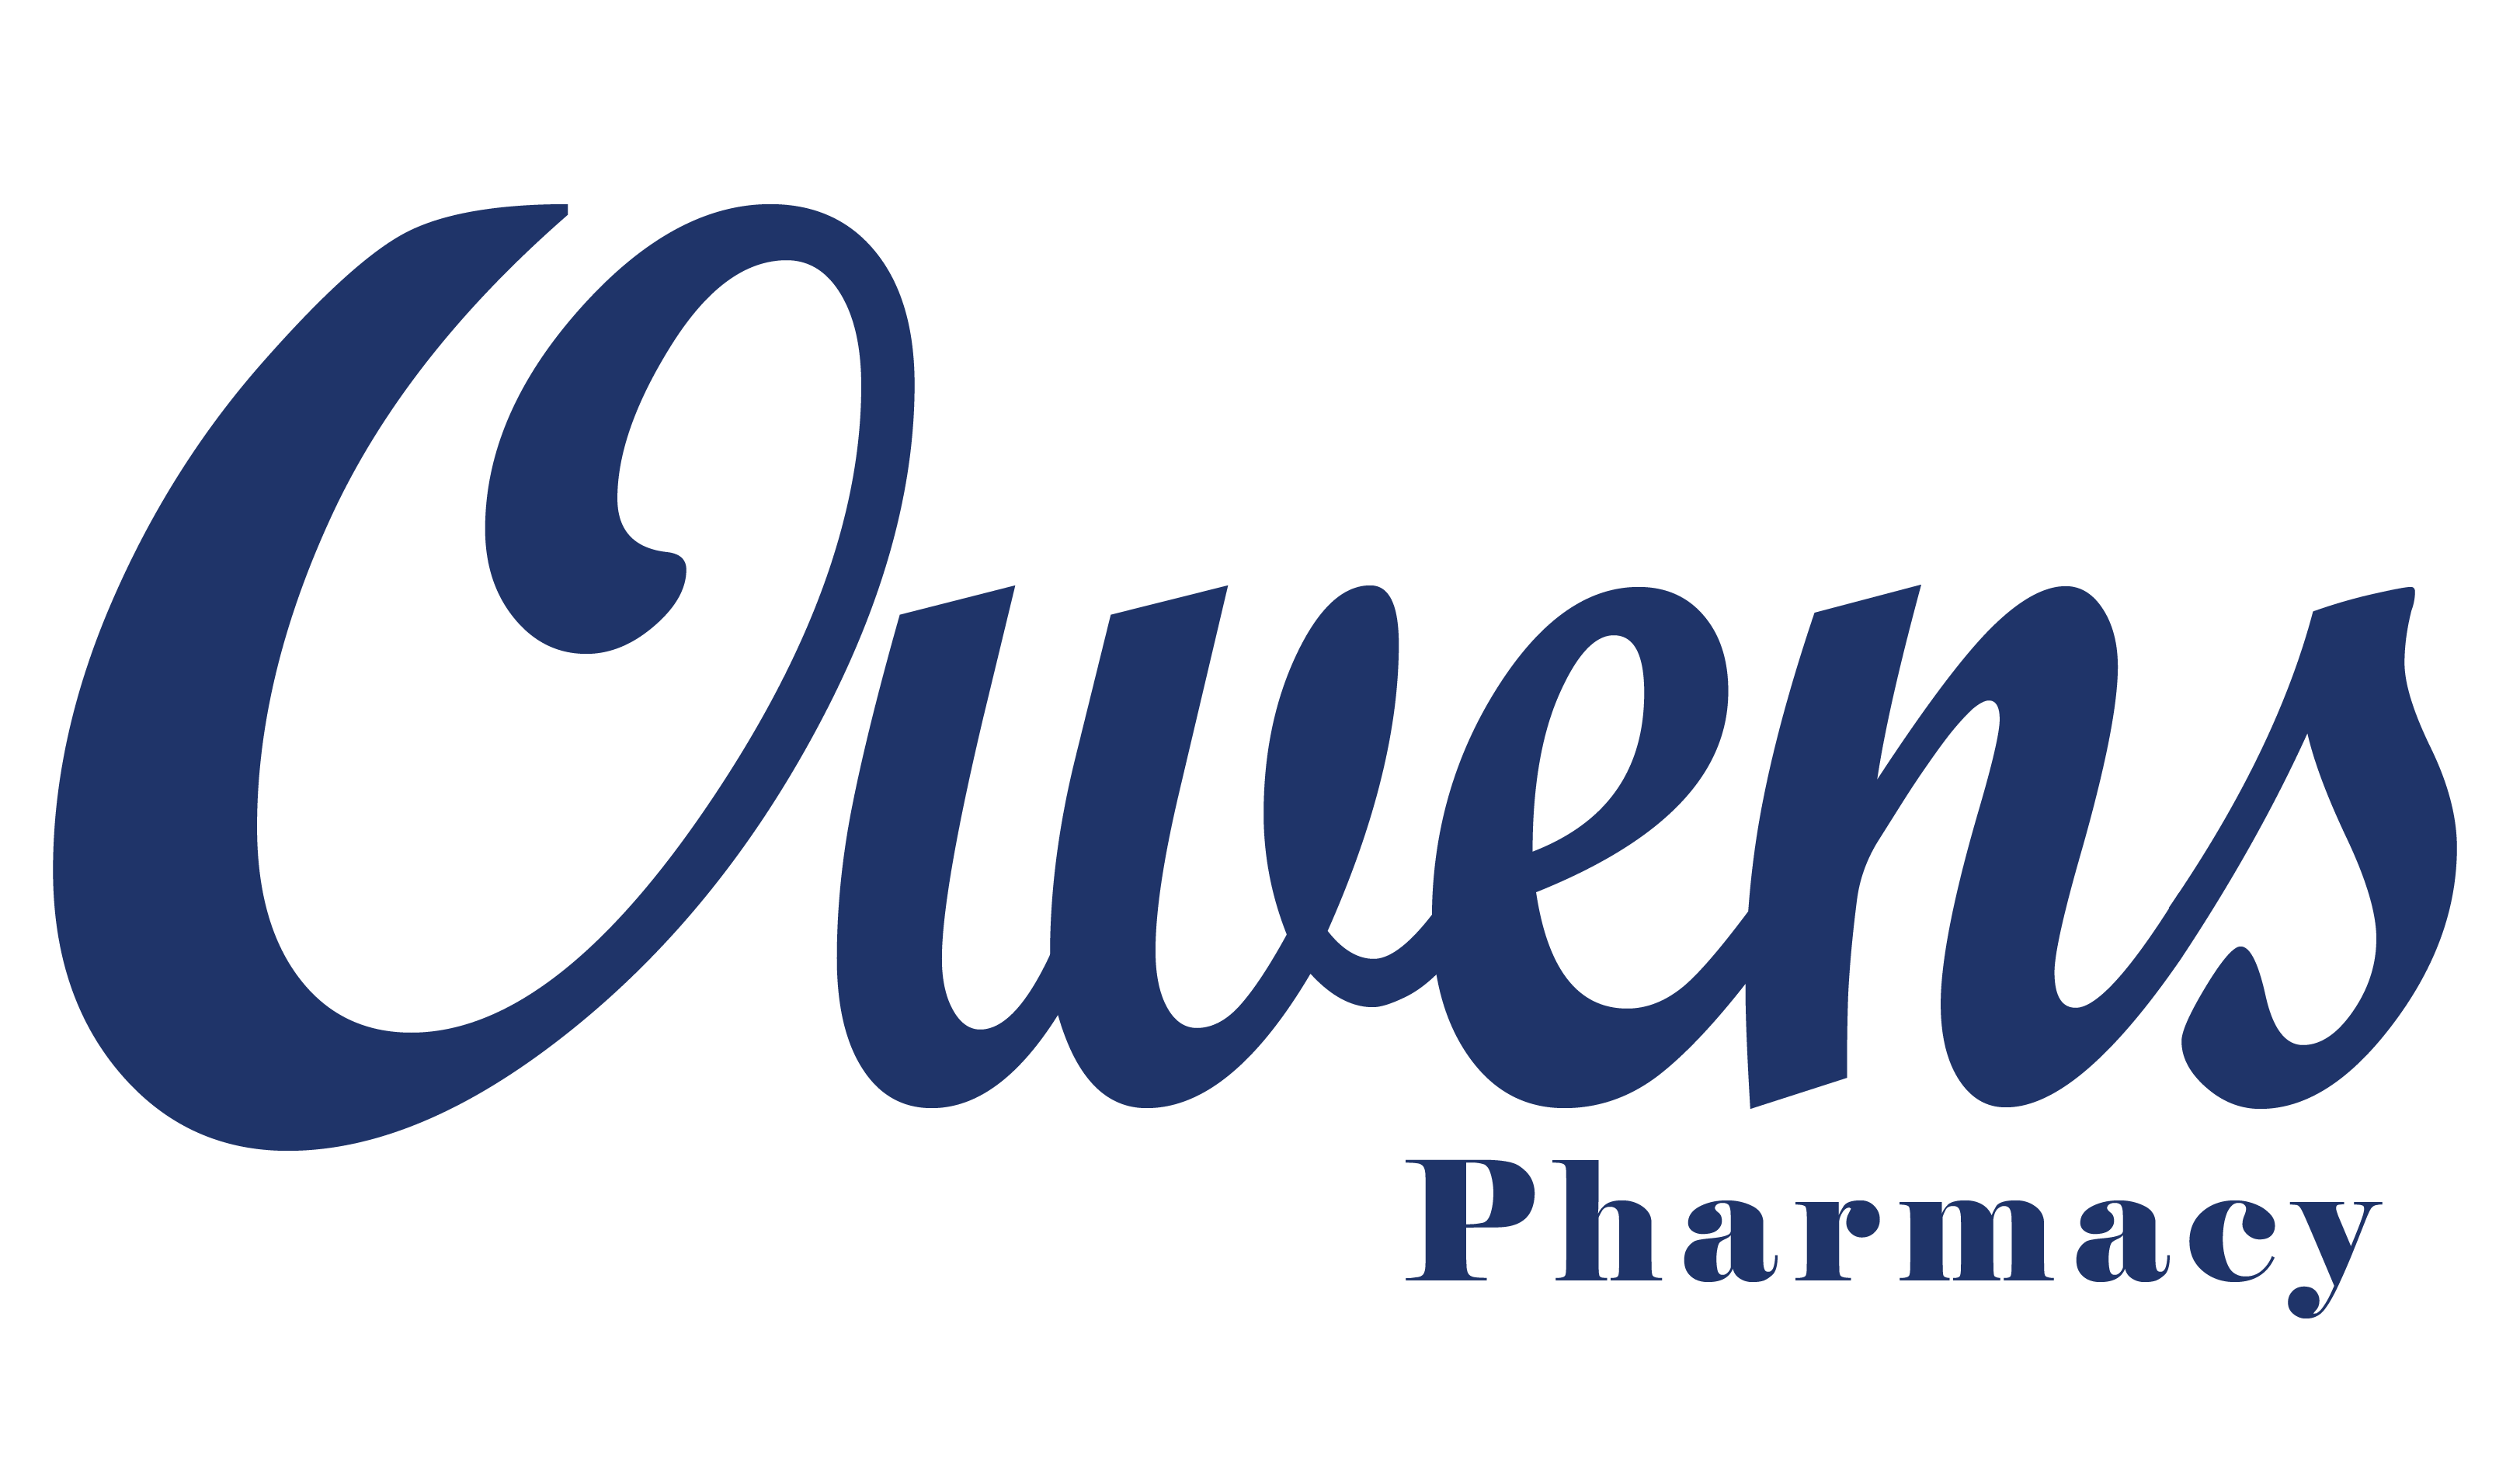 Owens Healthcare